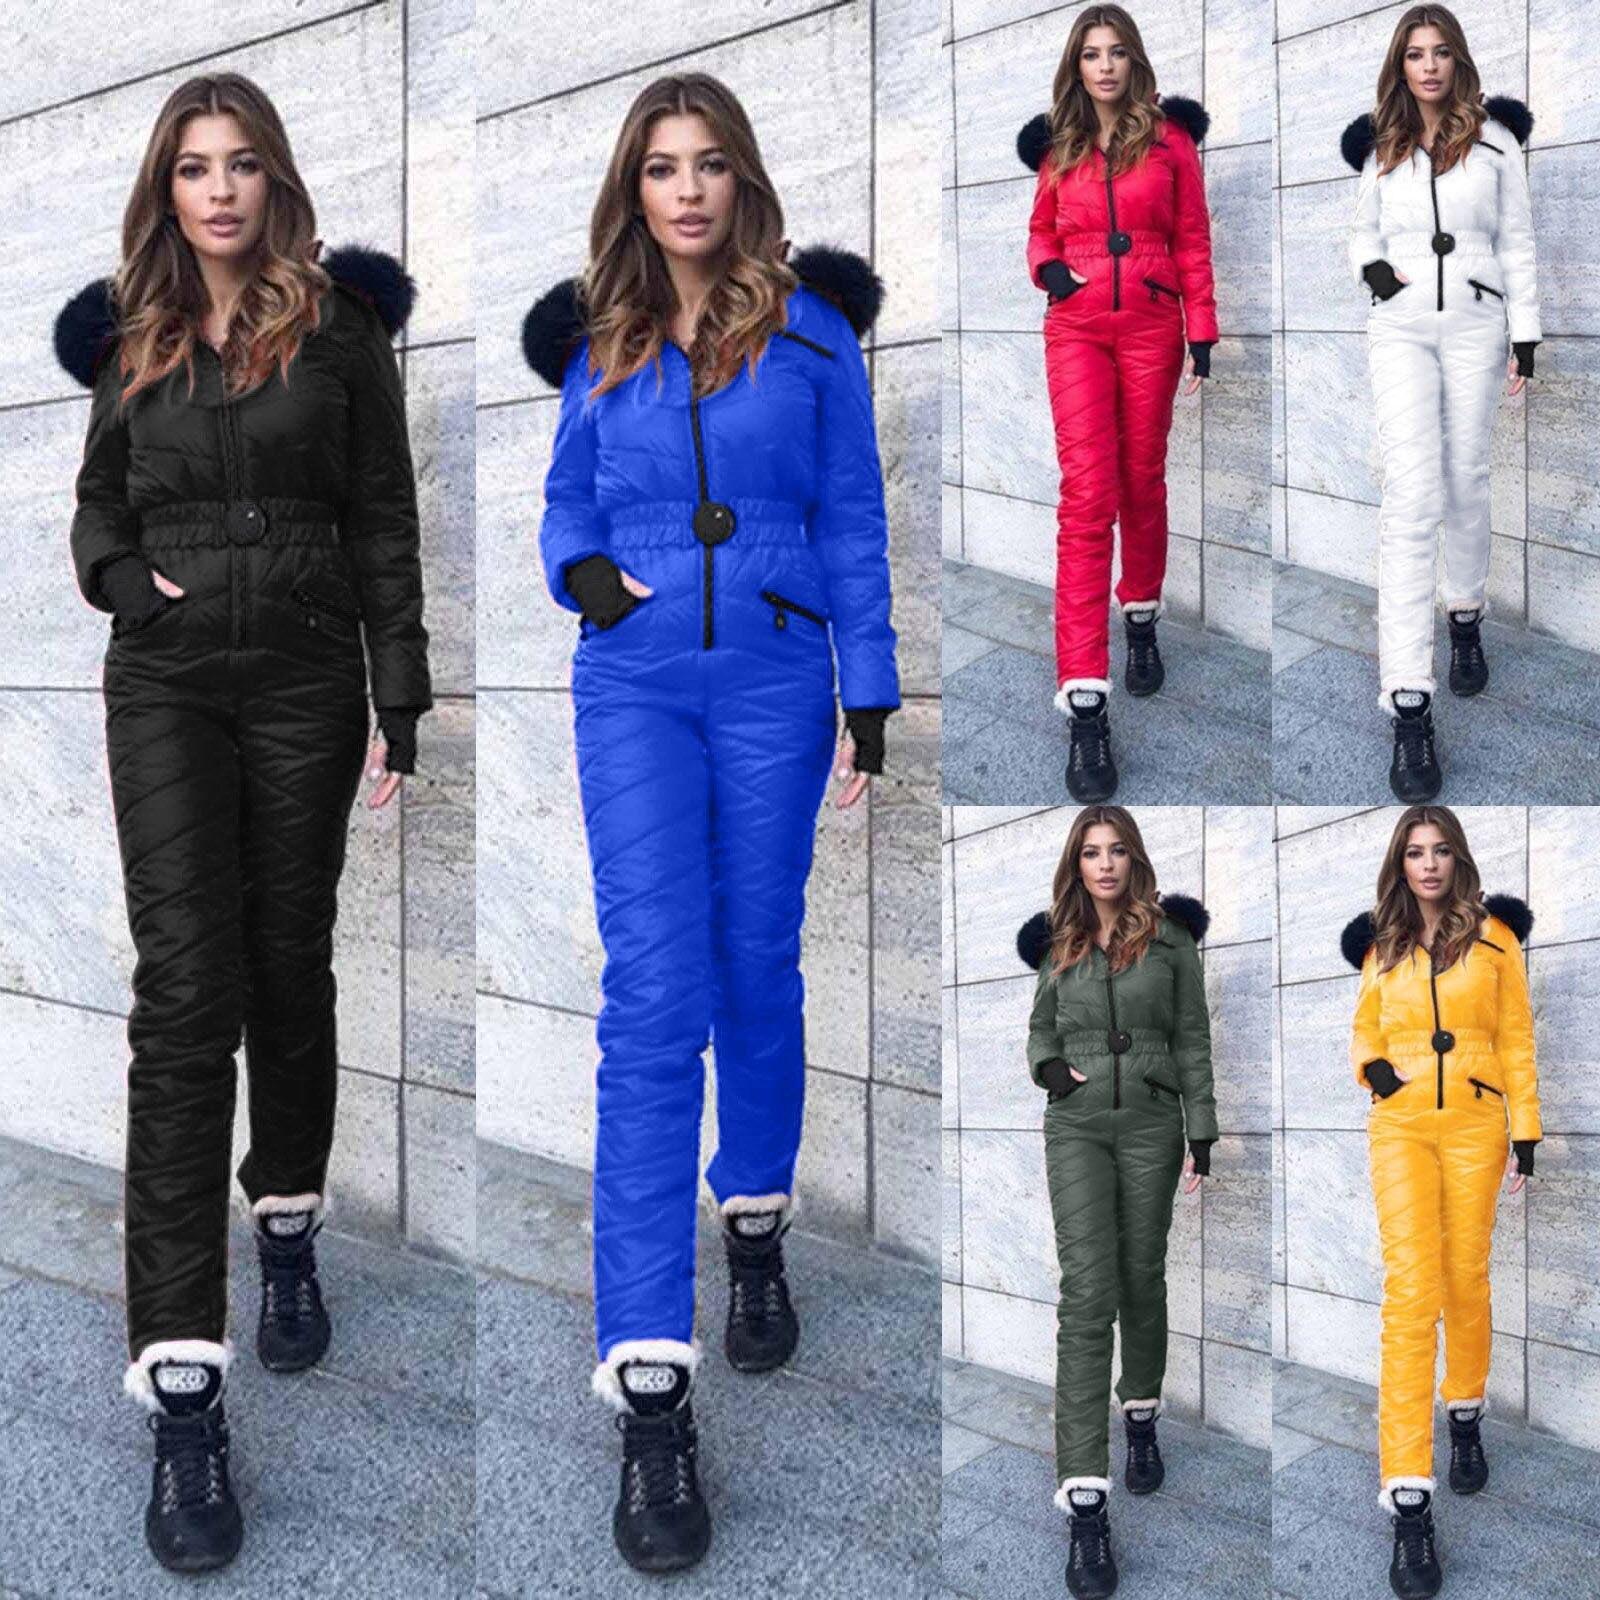 Женский модный Повседневный лыжный костюм для сноуборда, толстый, популярный, спортивный, на молнии, лыжный костюм, разноцветная куртка, пал...